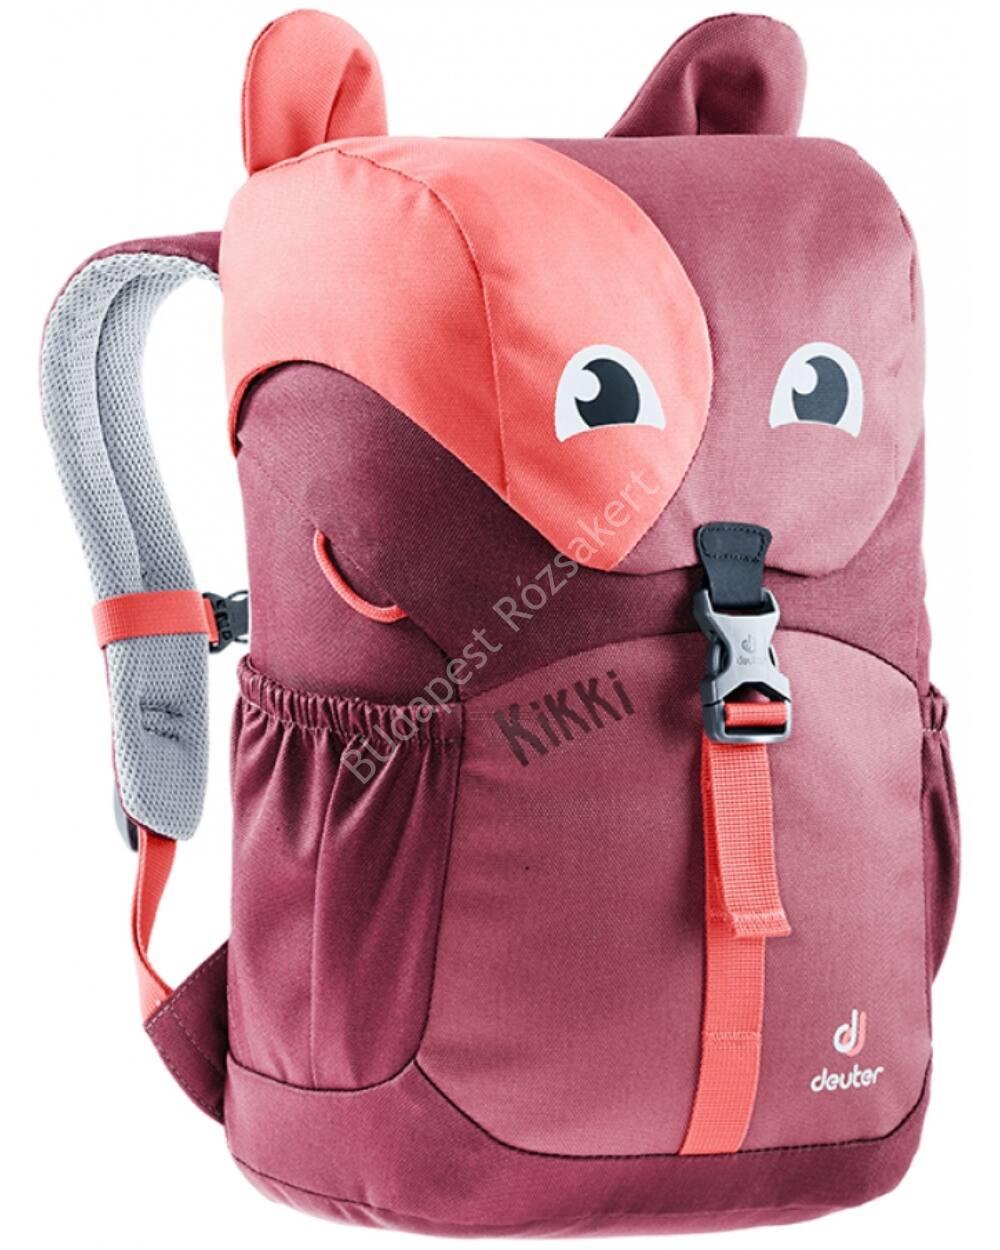 Deuter Kikki gyerek hátizsák 8L, magenta-blackberry